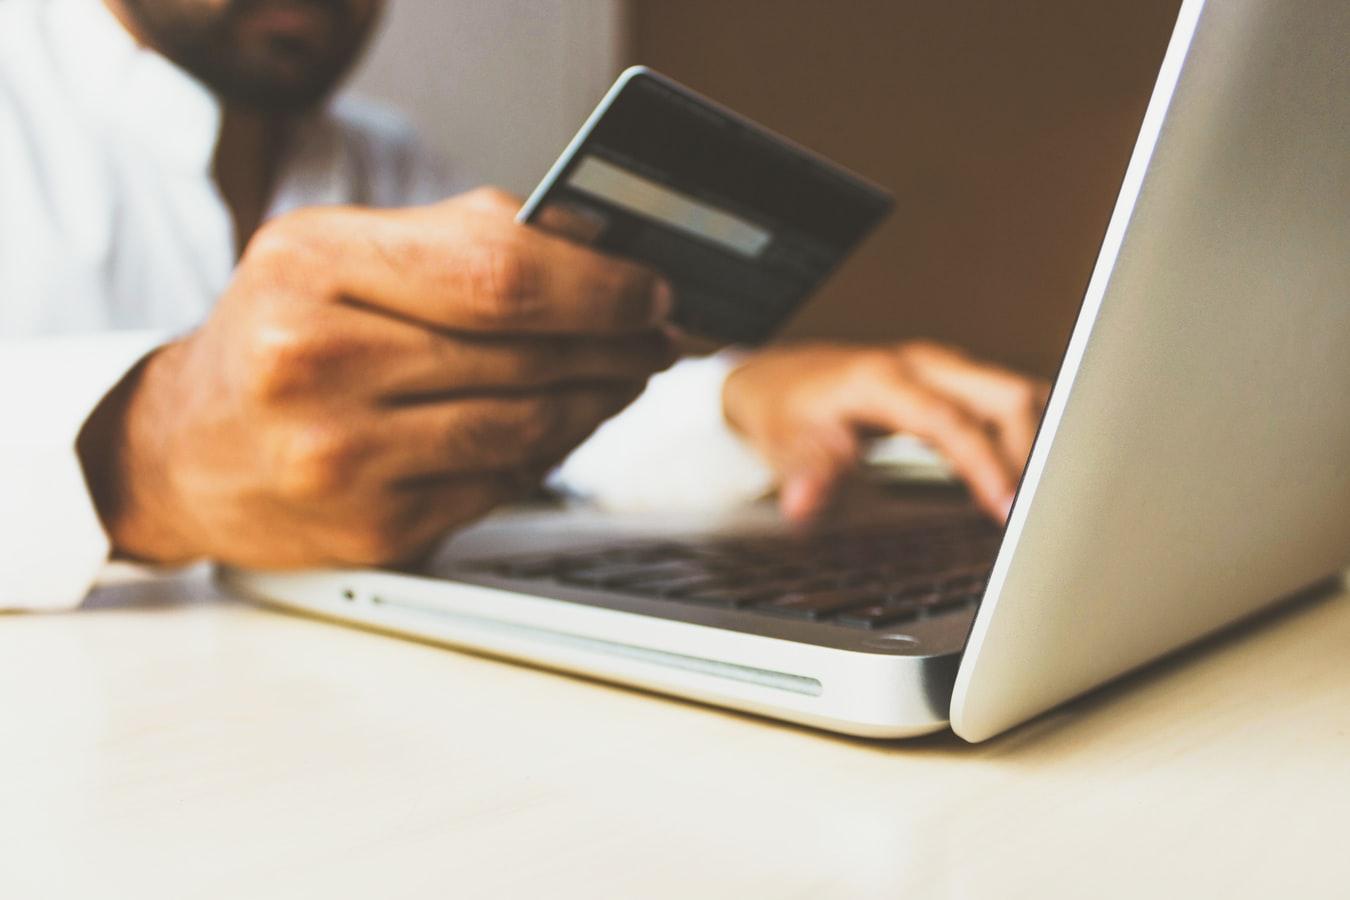 Ο εθισμός στις ηλεκτρονικές αγορές βλάπτει σοβαρά την ψυχική υγεία